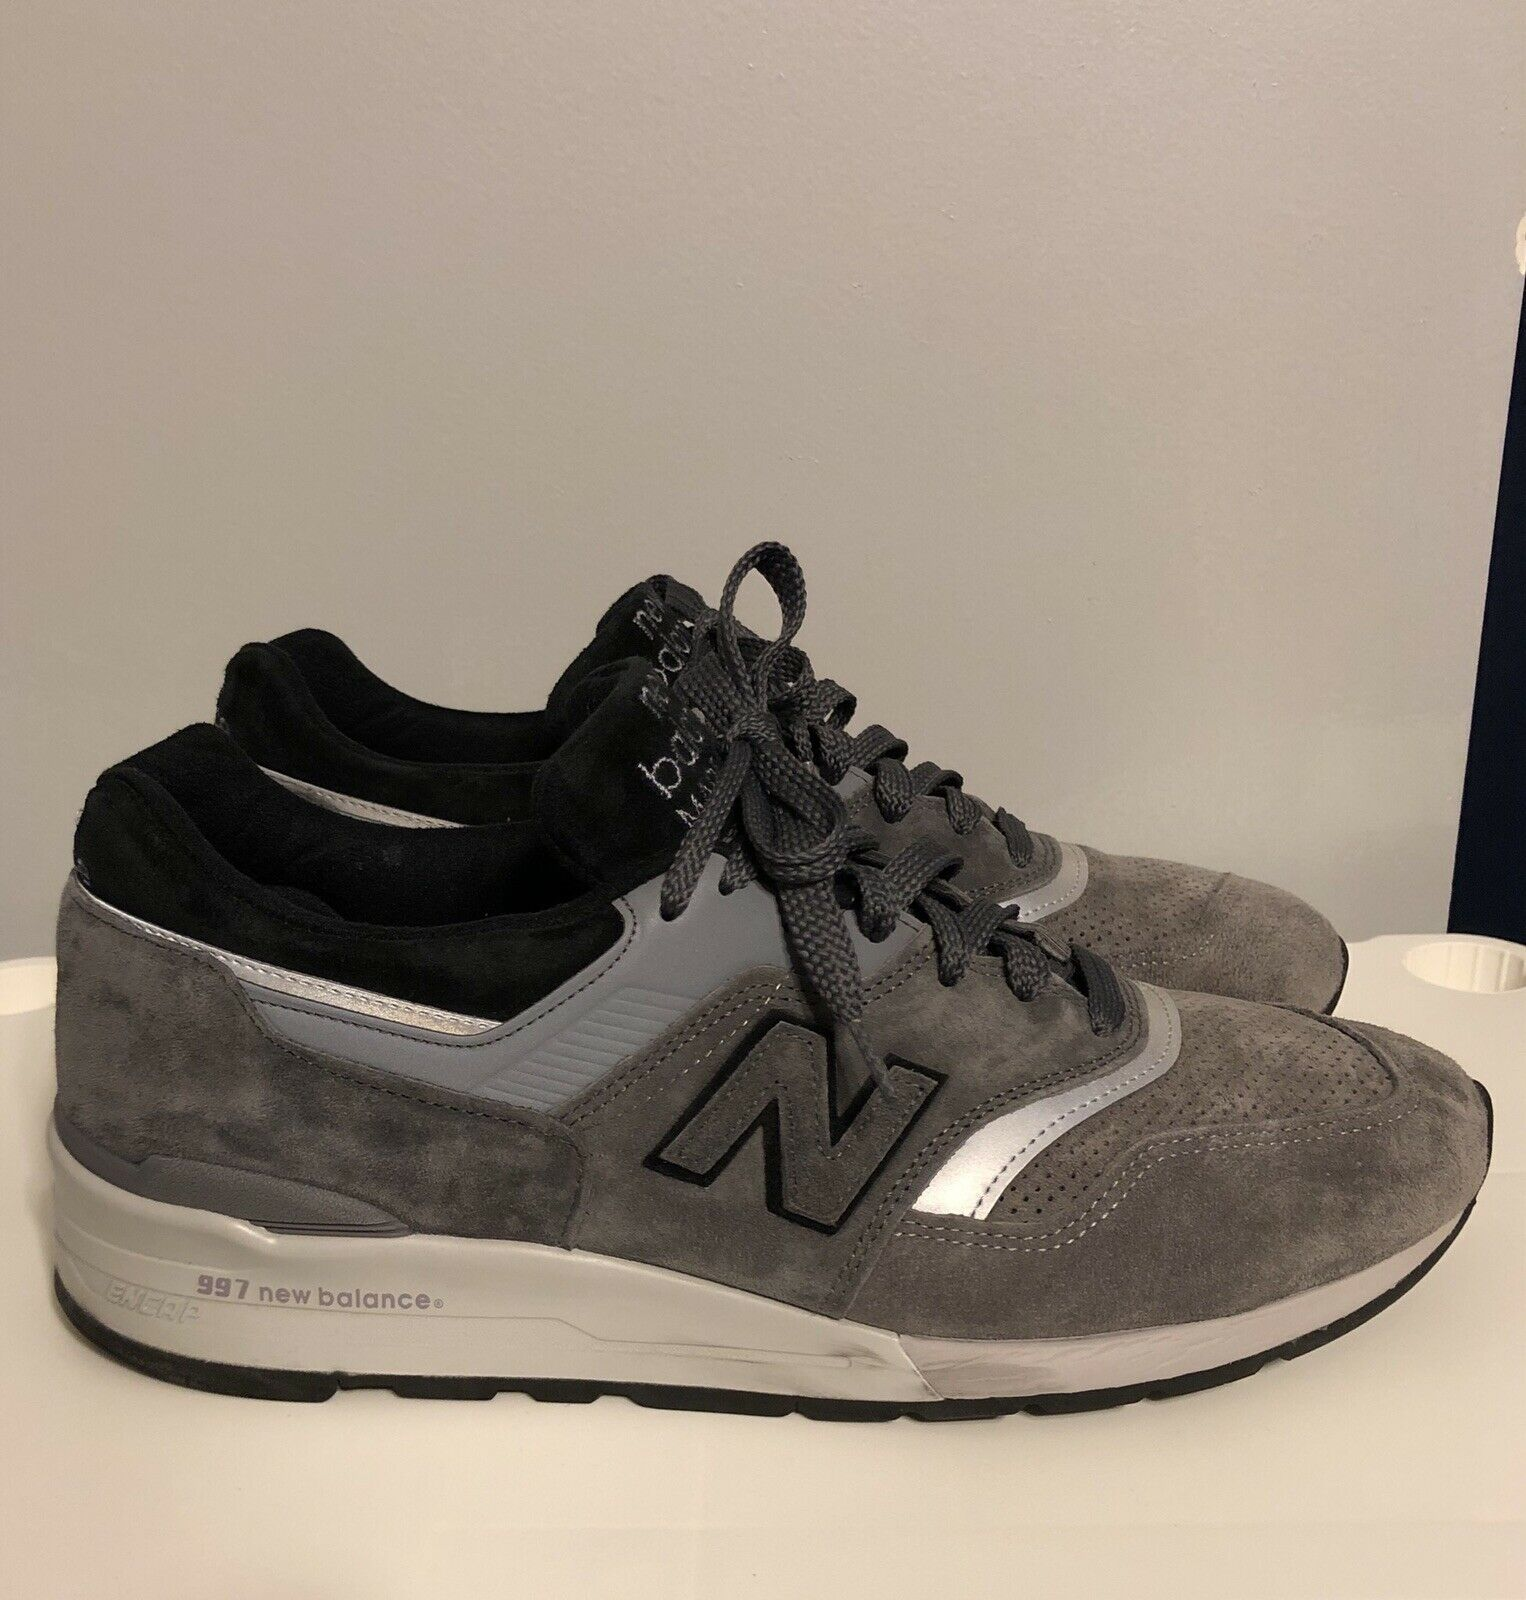 New balance 997 Hecho en EE. UU. gris Plata Negro M997BRK